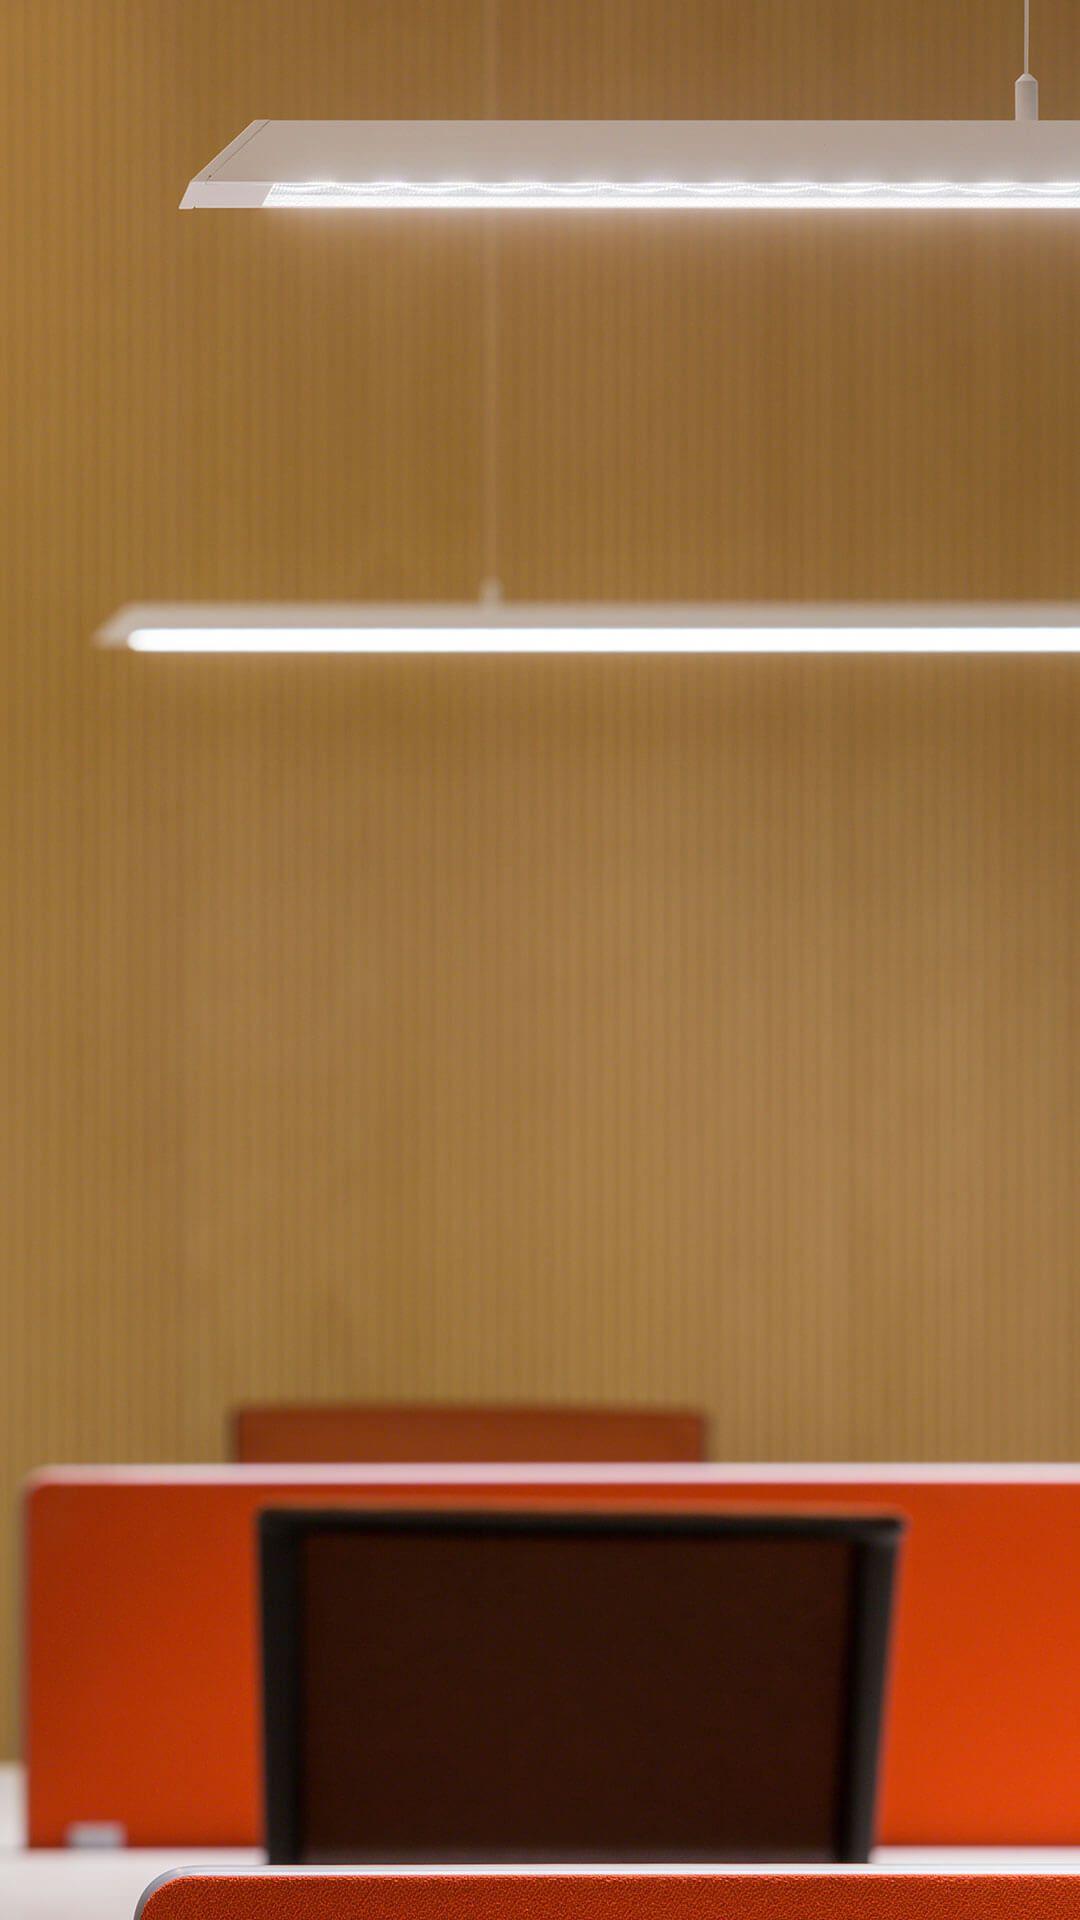 Slimgot - Arkoslight